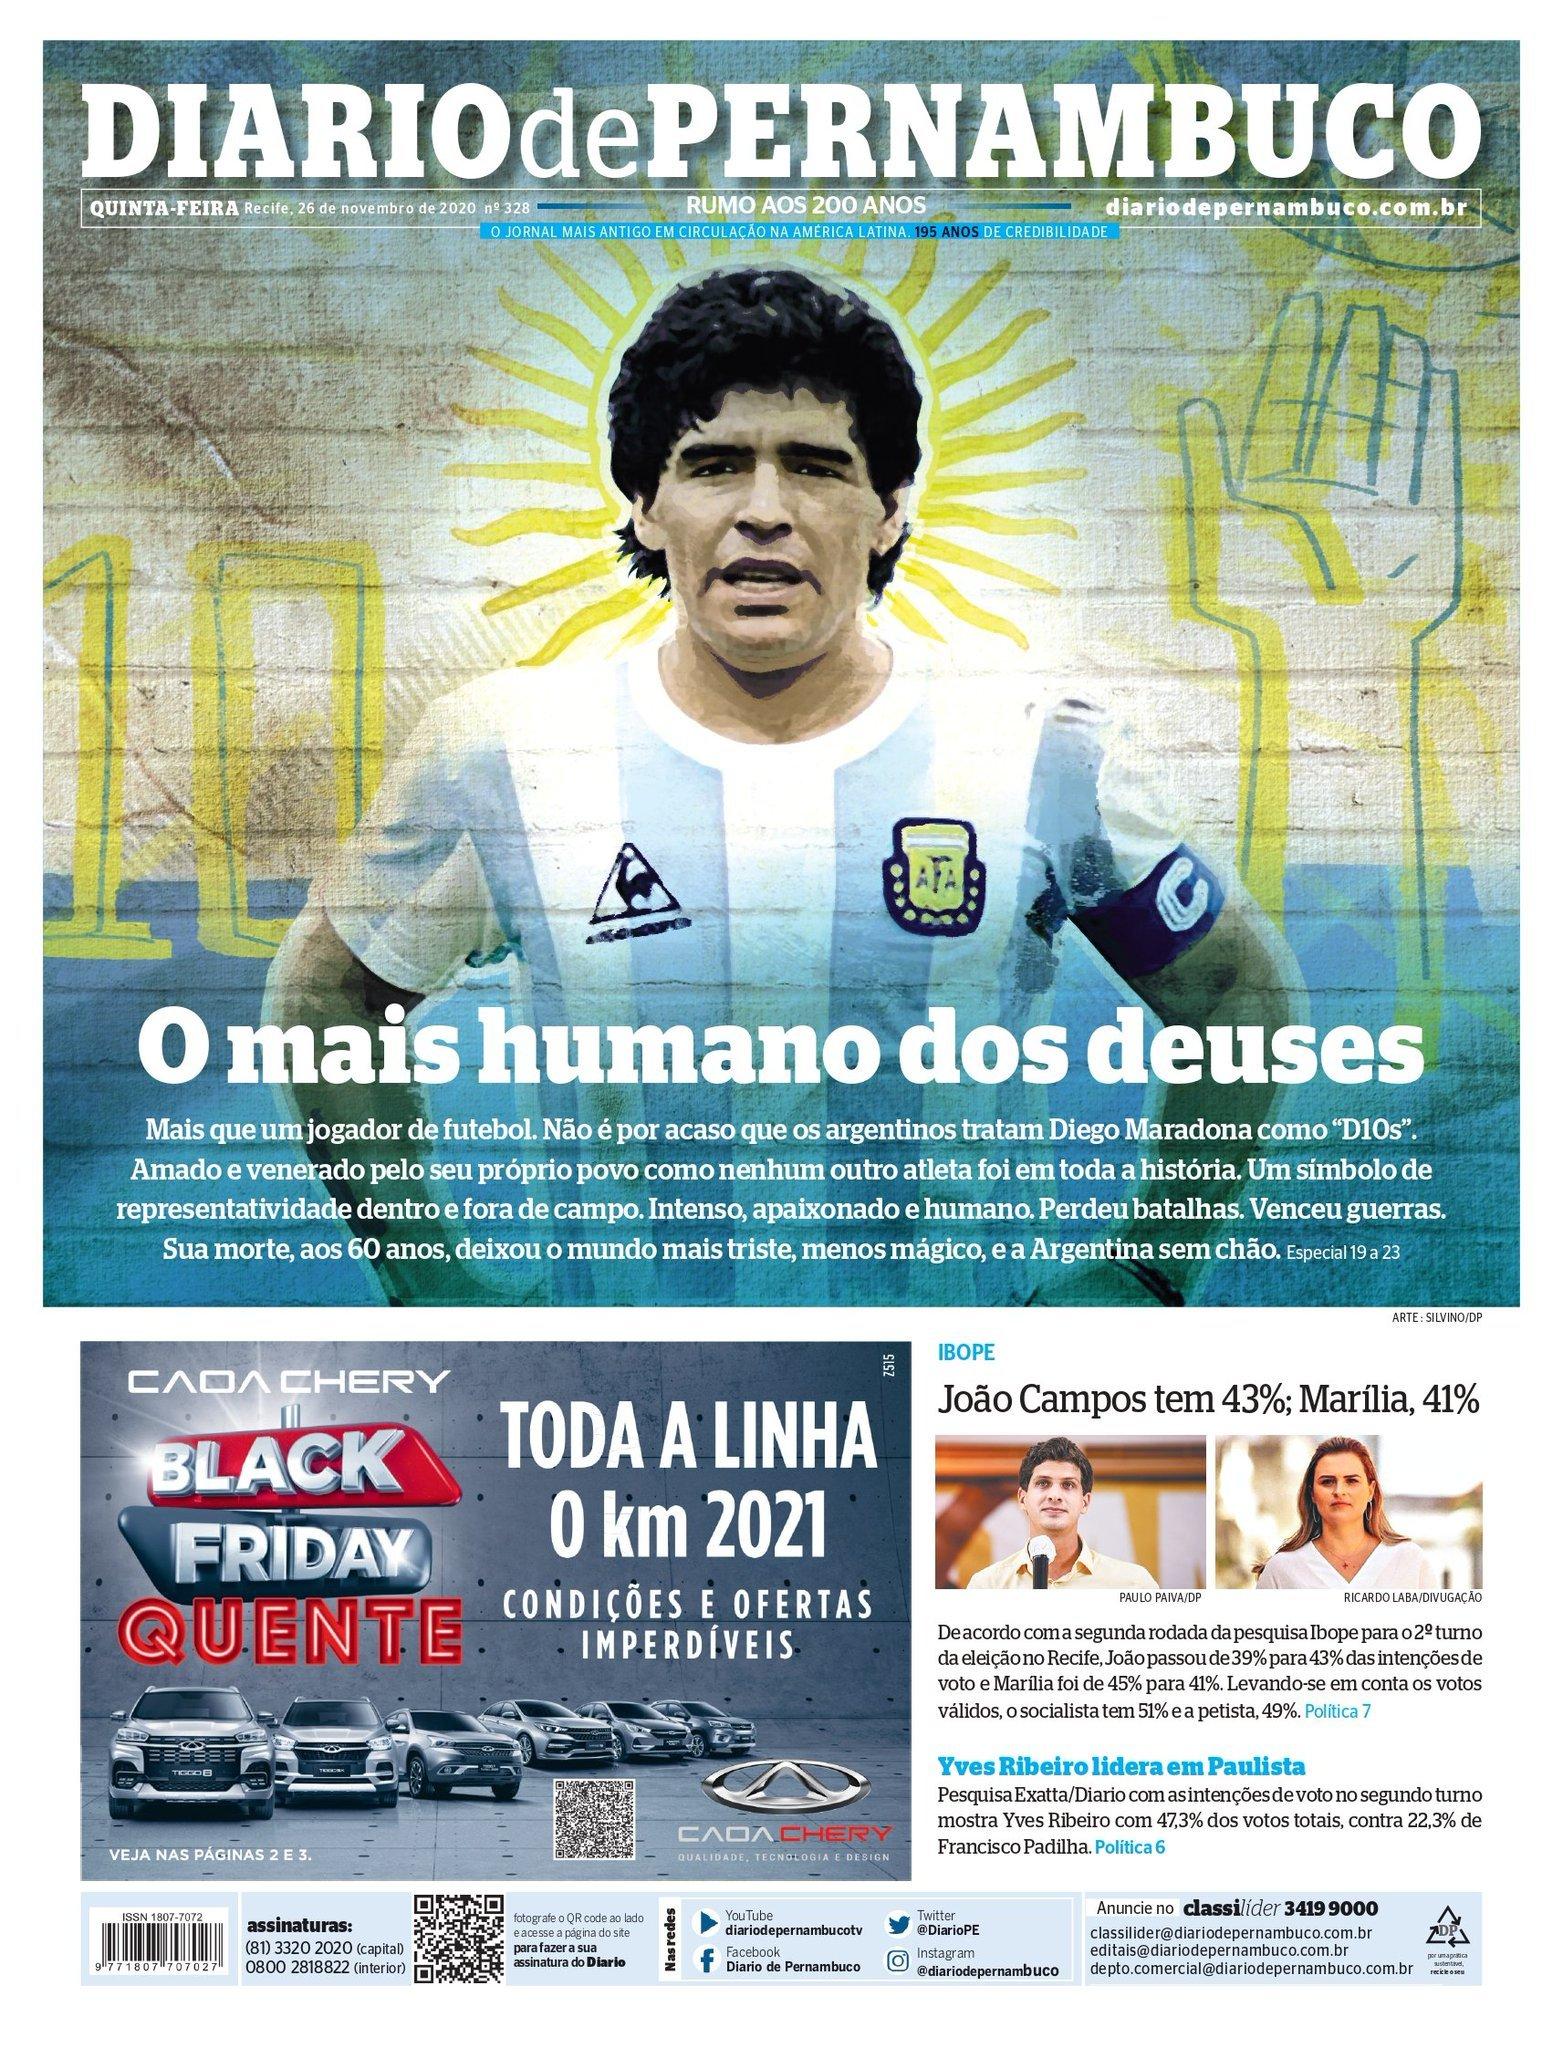 Fallece Diego Armando Maradona al sufrir un paro cardíaco  16063881088694